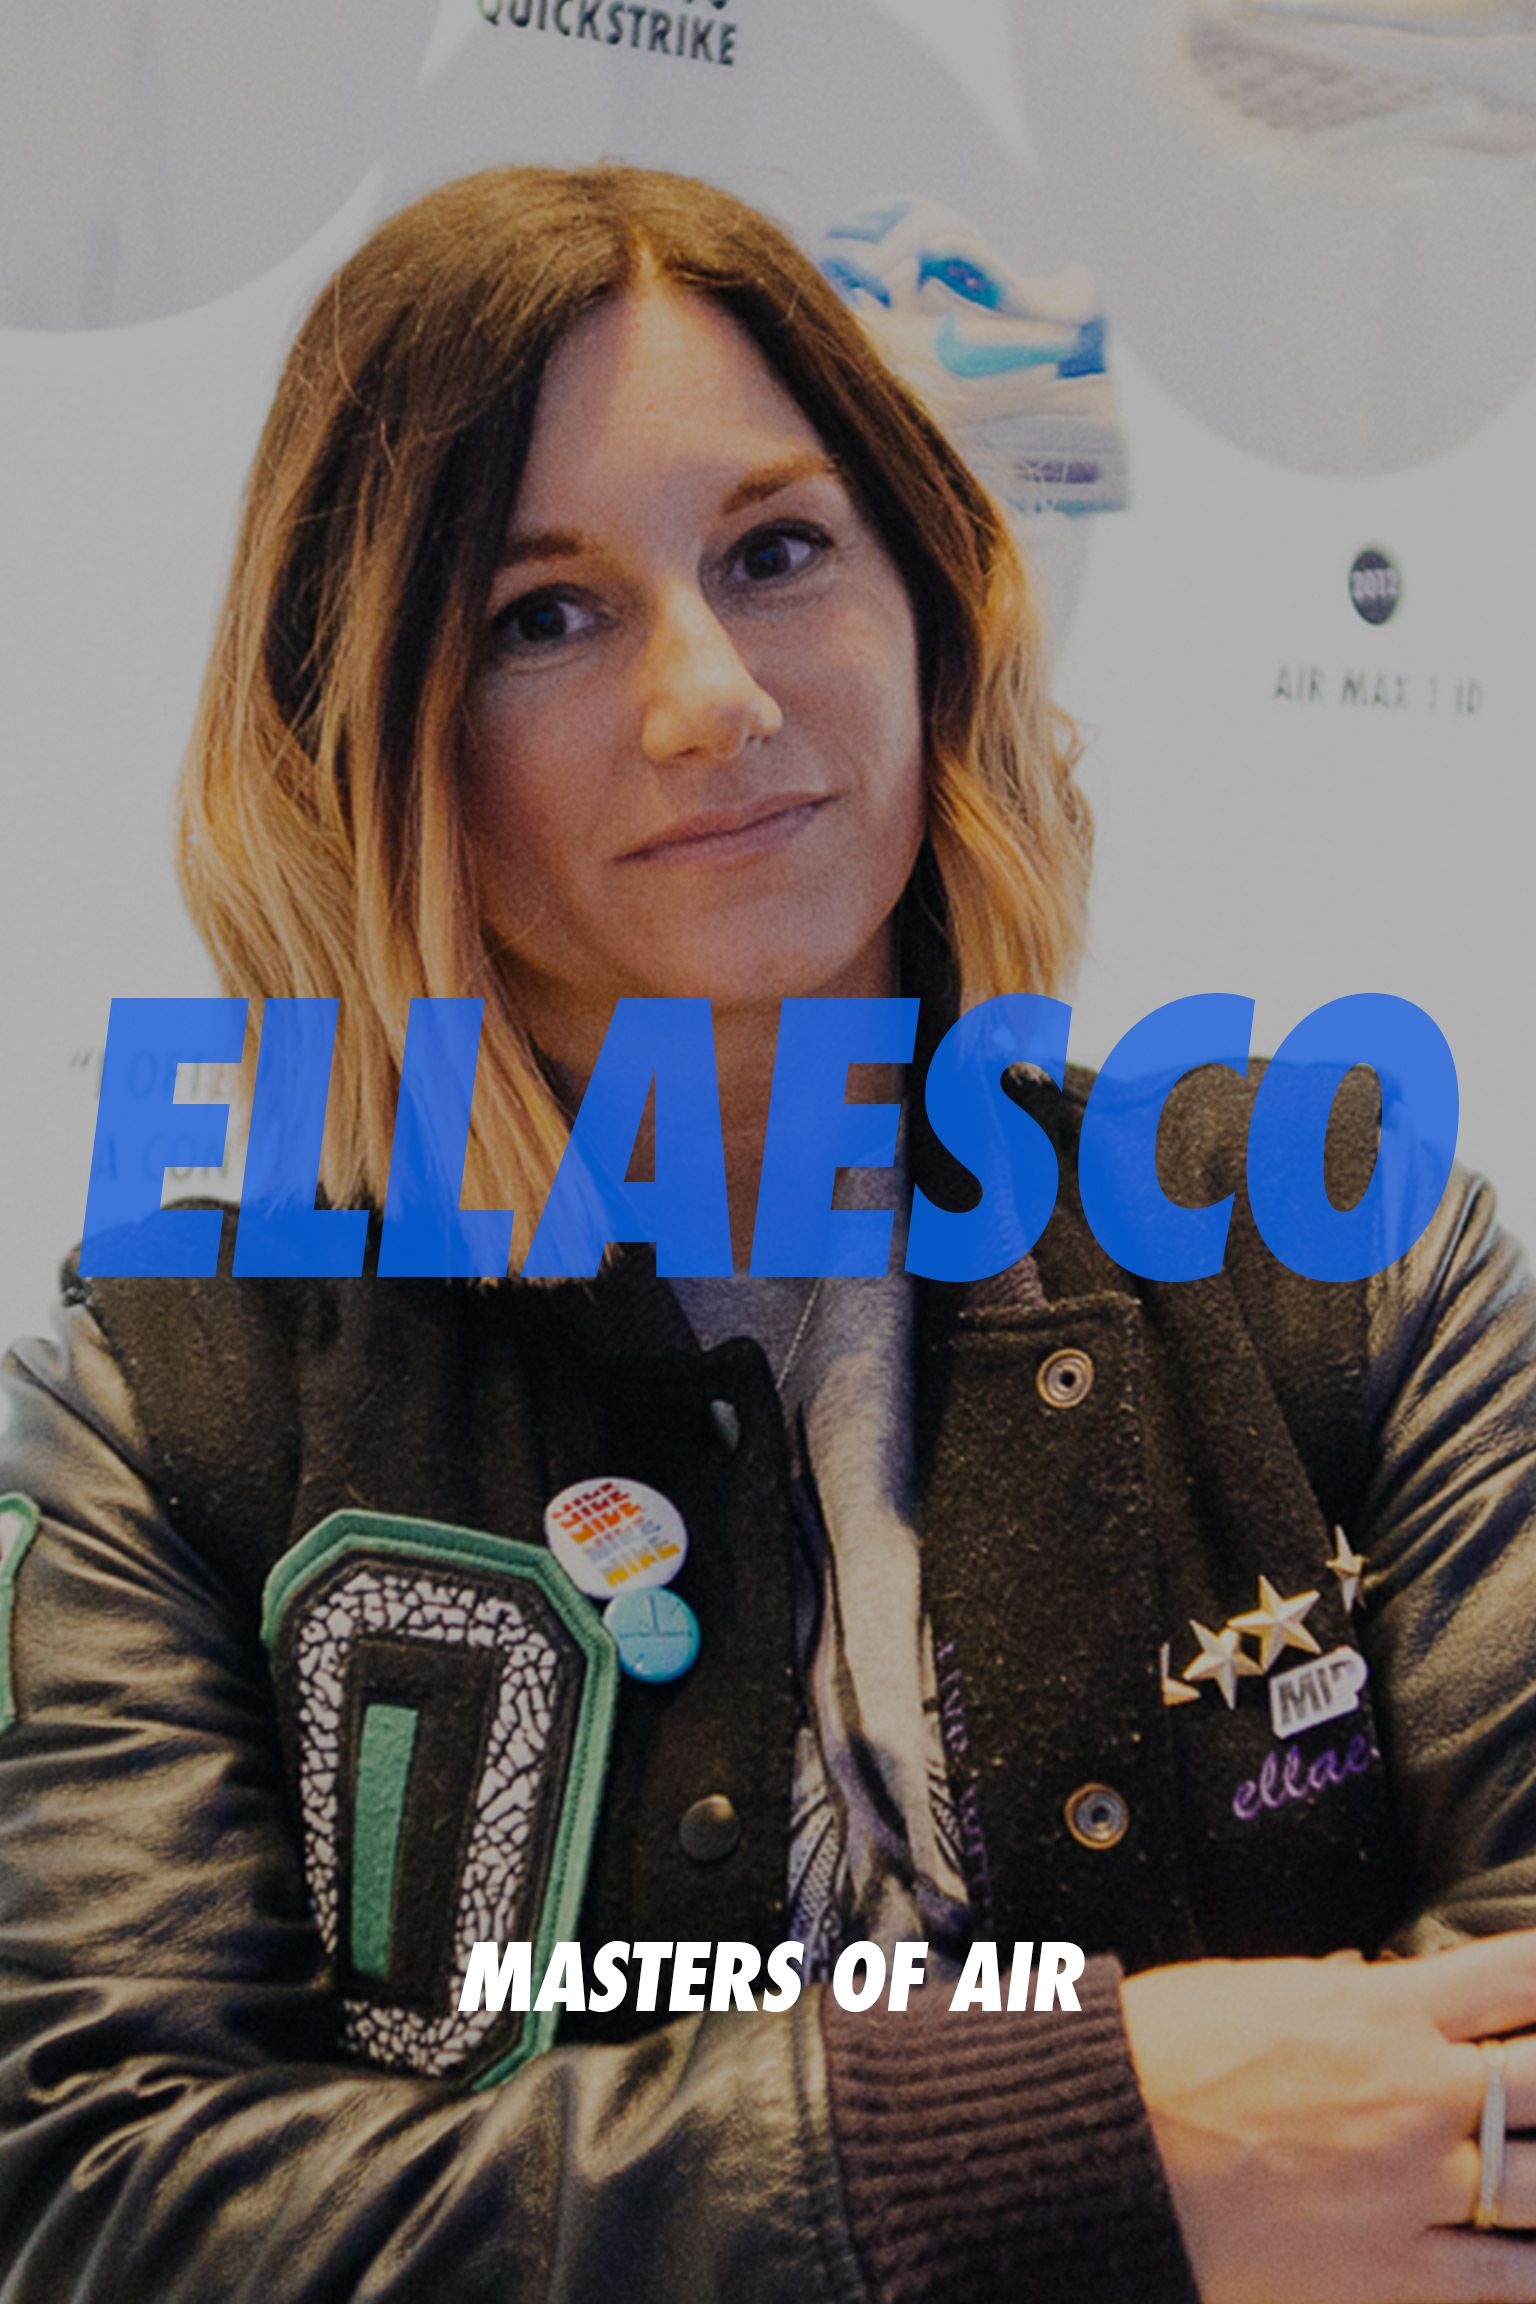 Masters of Air: Ellaesco